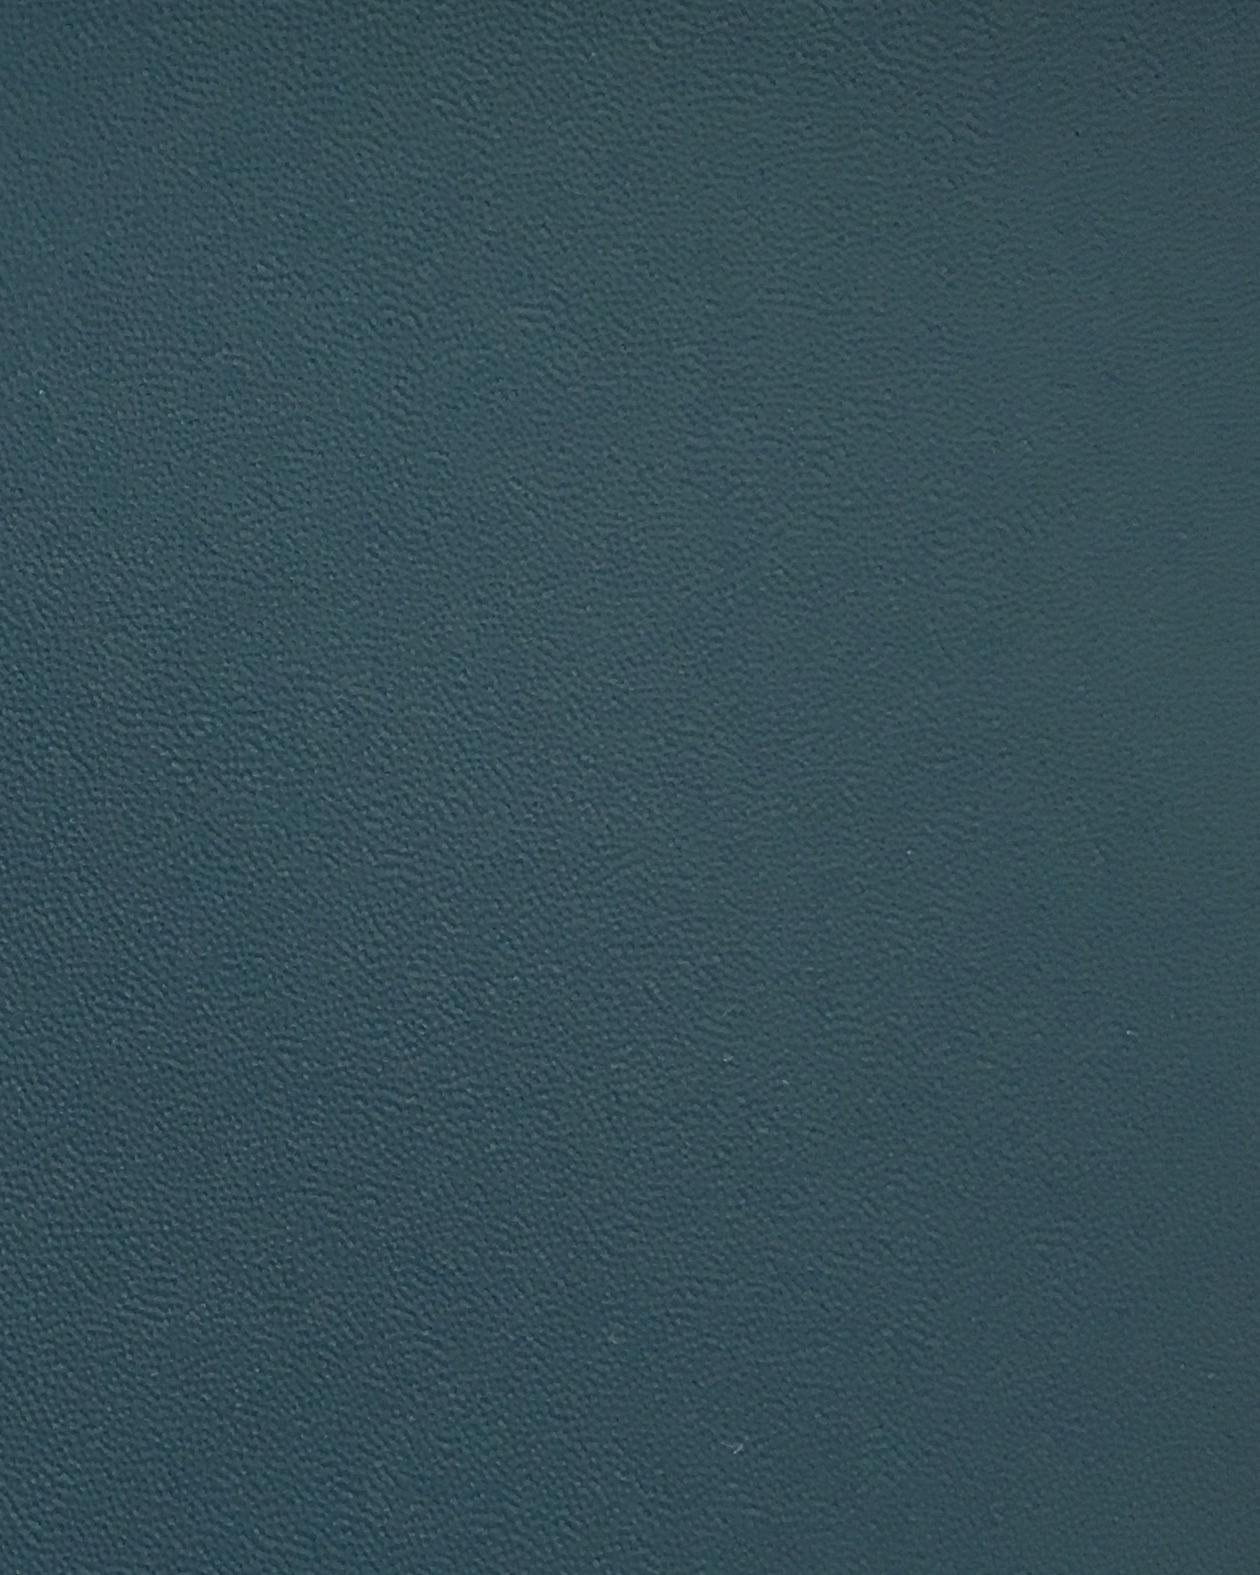 毛孔3系列-蓝